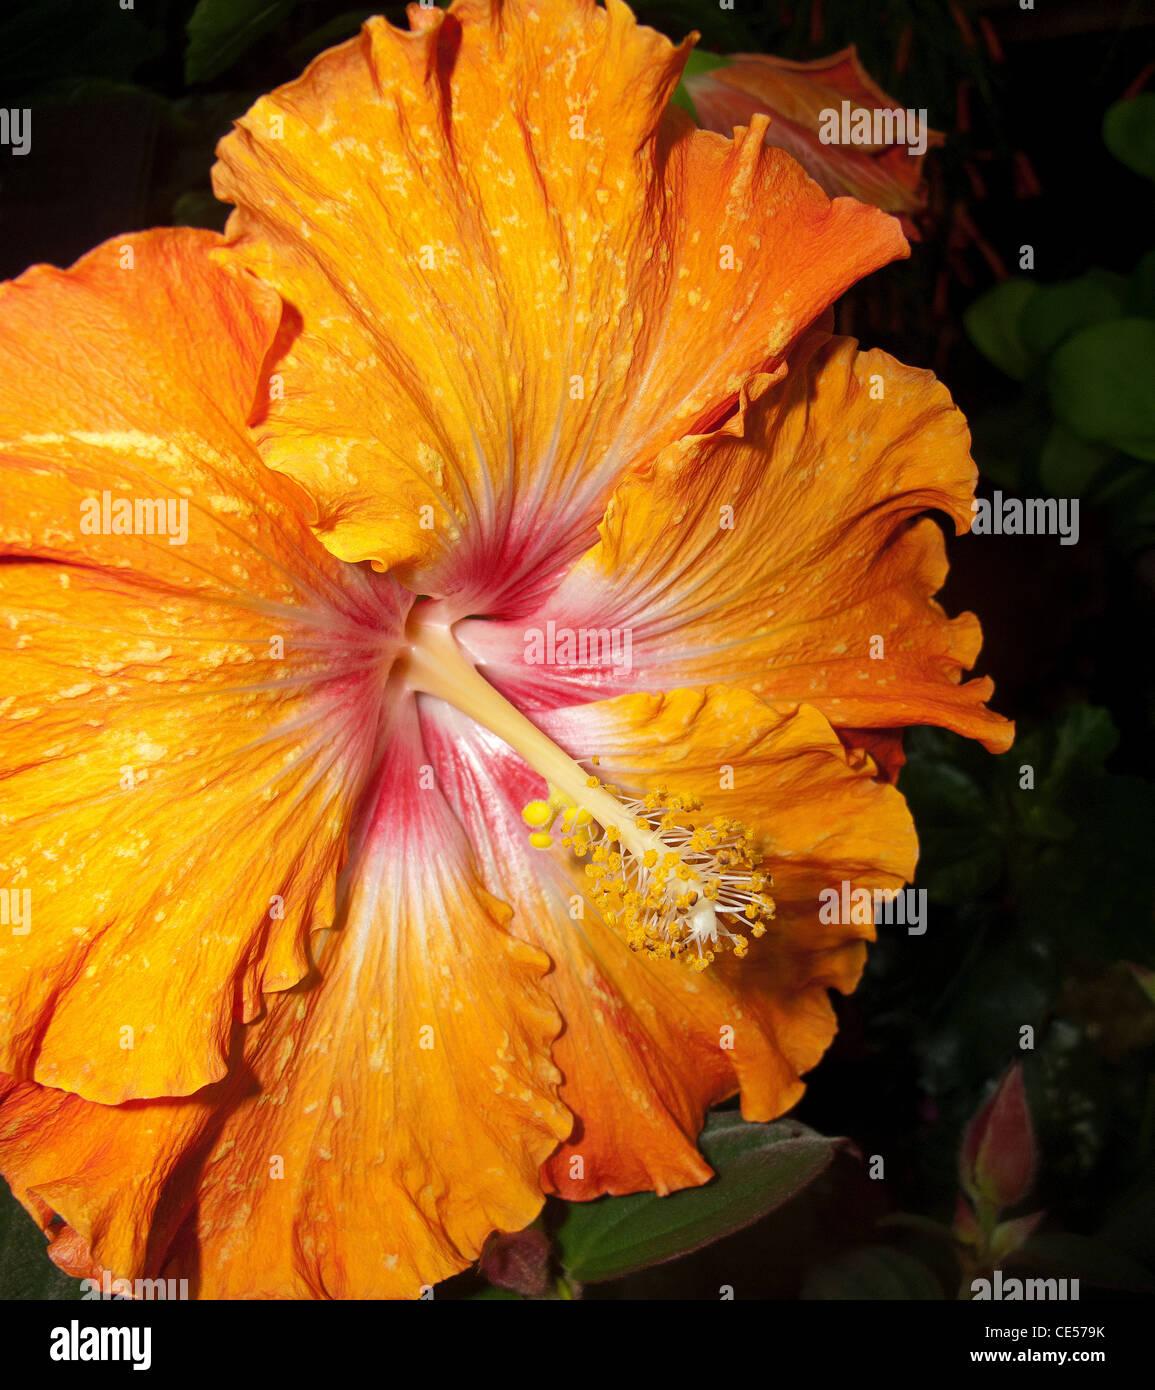 Hibiscus Restaurant Stock Photos Hibiscus Restaurant Stock Images